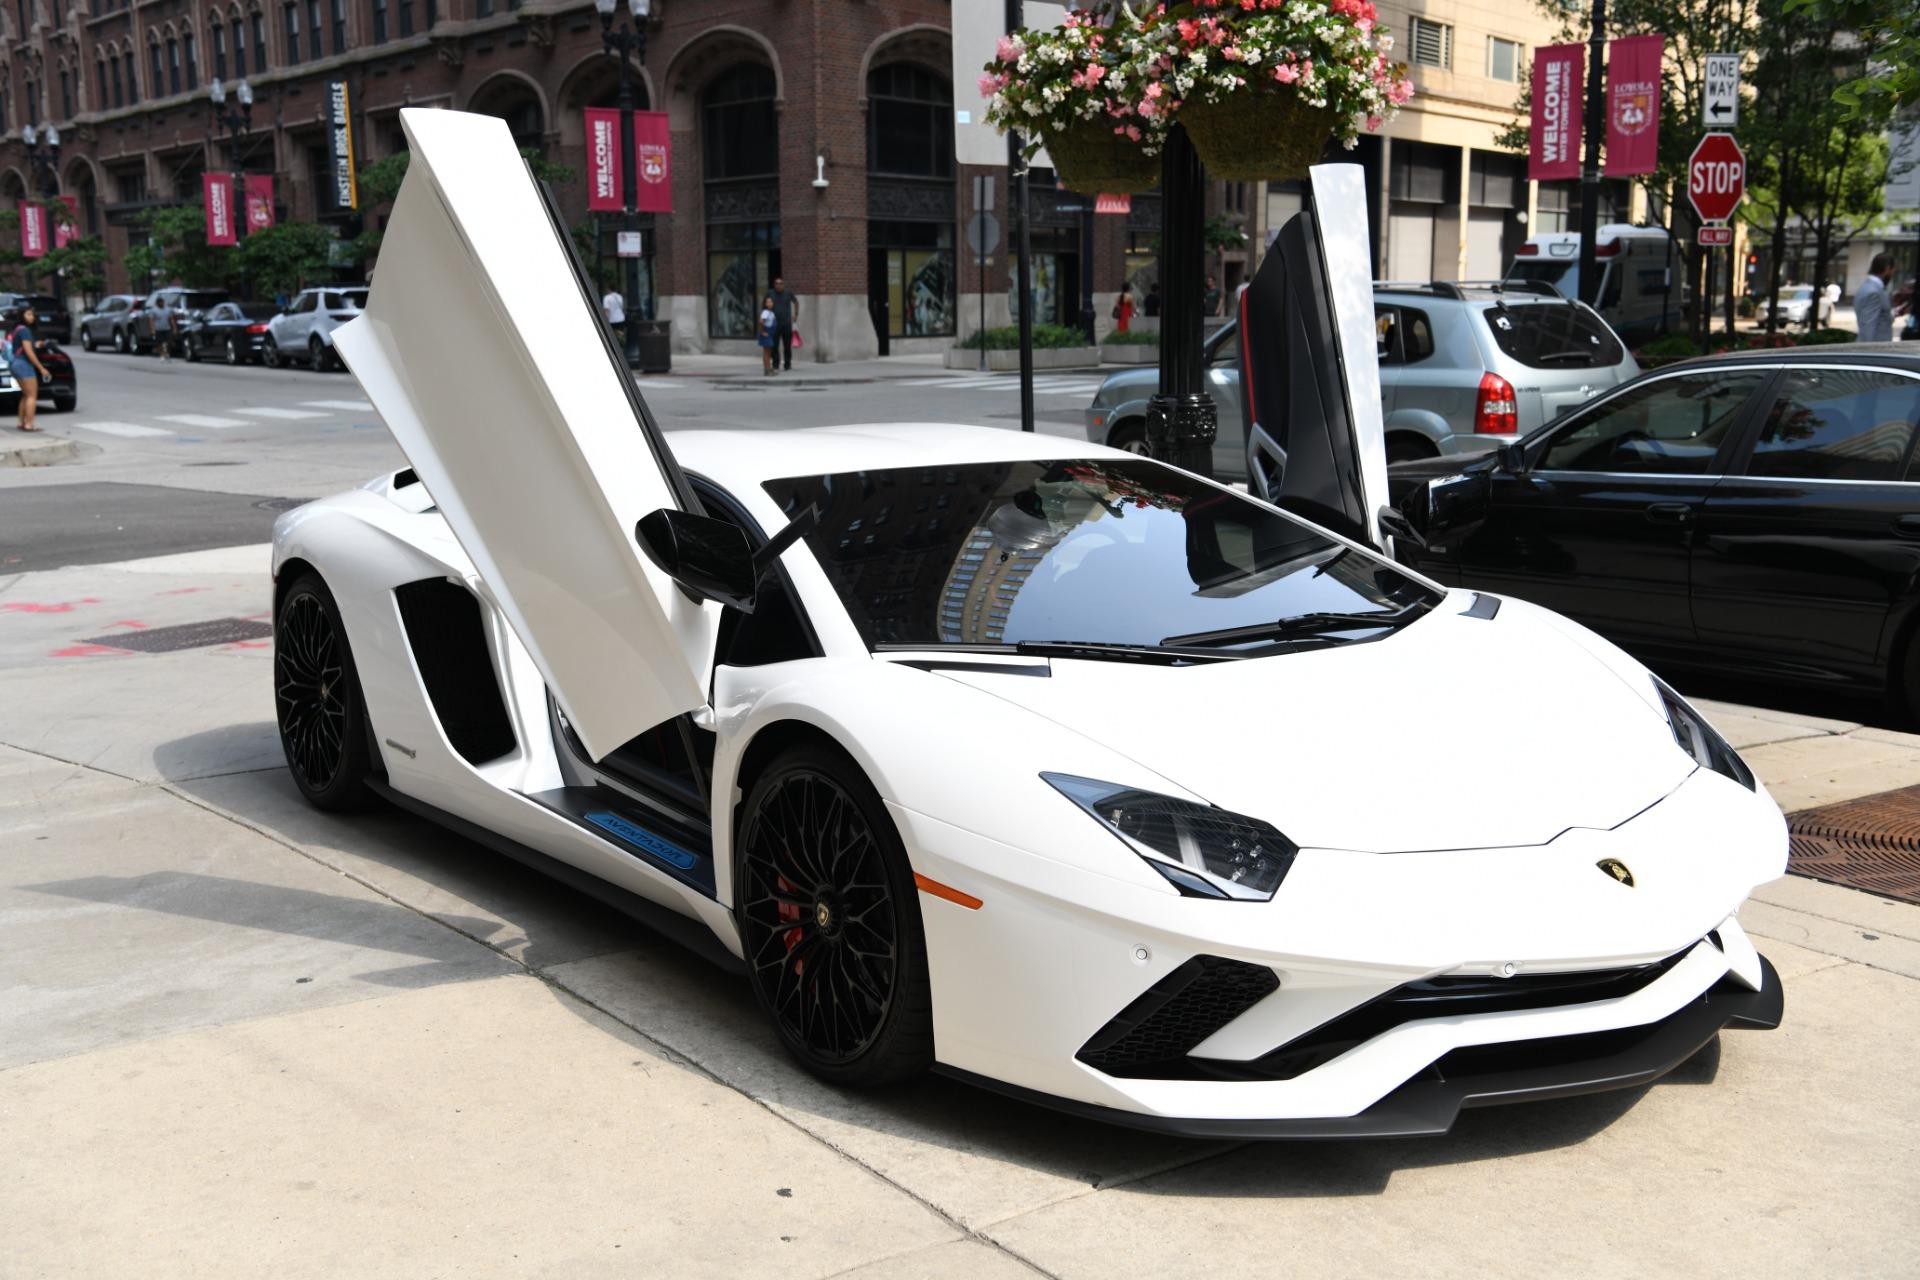 2017 Lamborghini Aventador Lp 740 4 S Stock 06416 For Sale Near